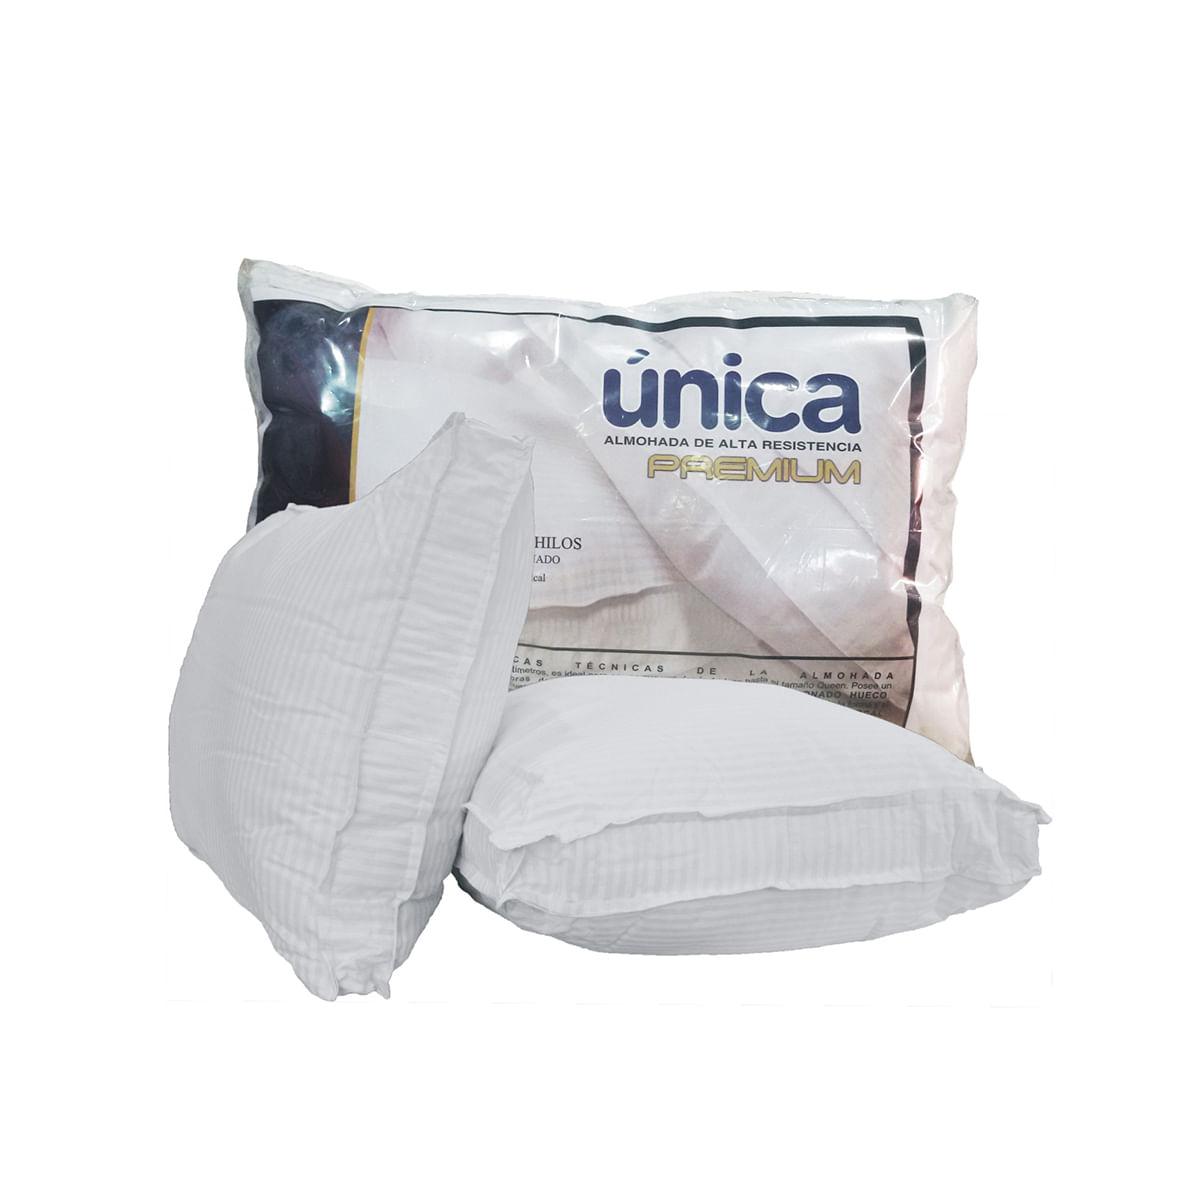 almohada-unica-premium